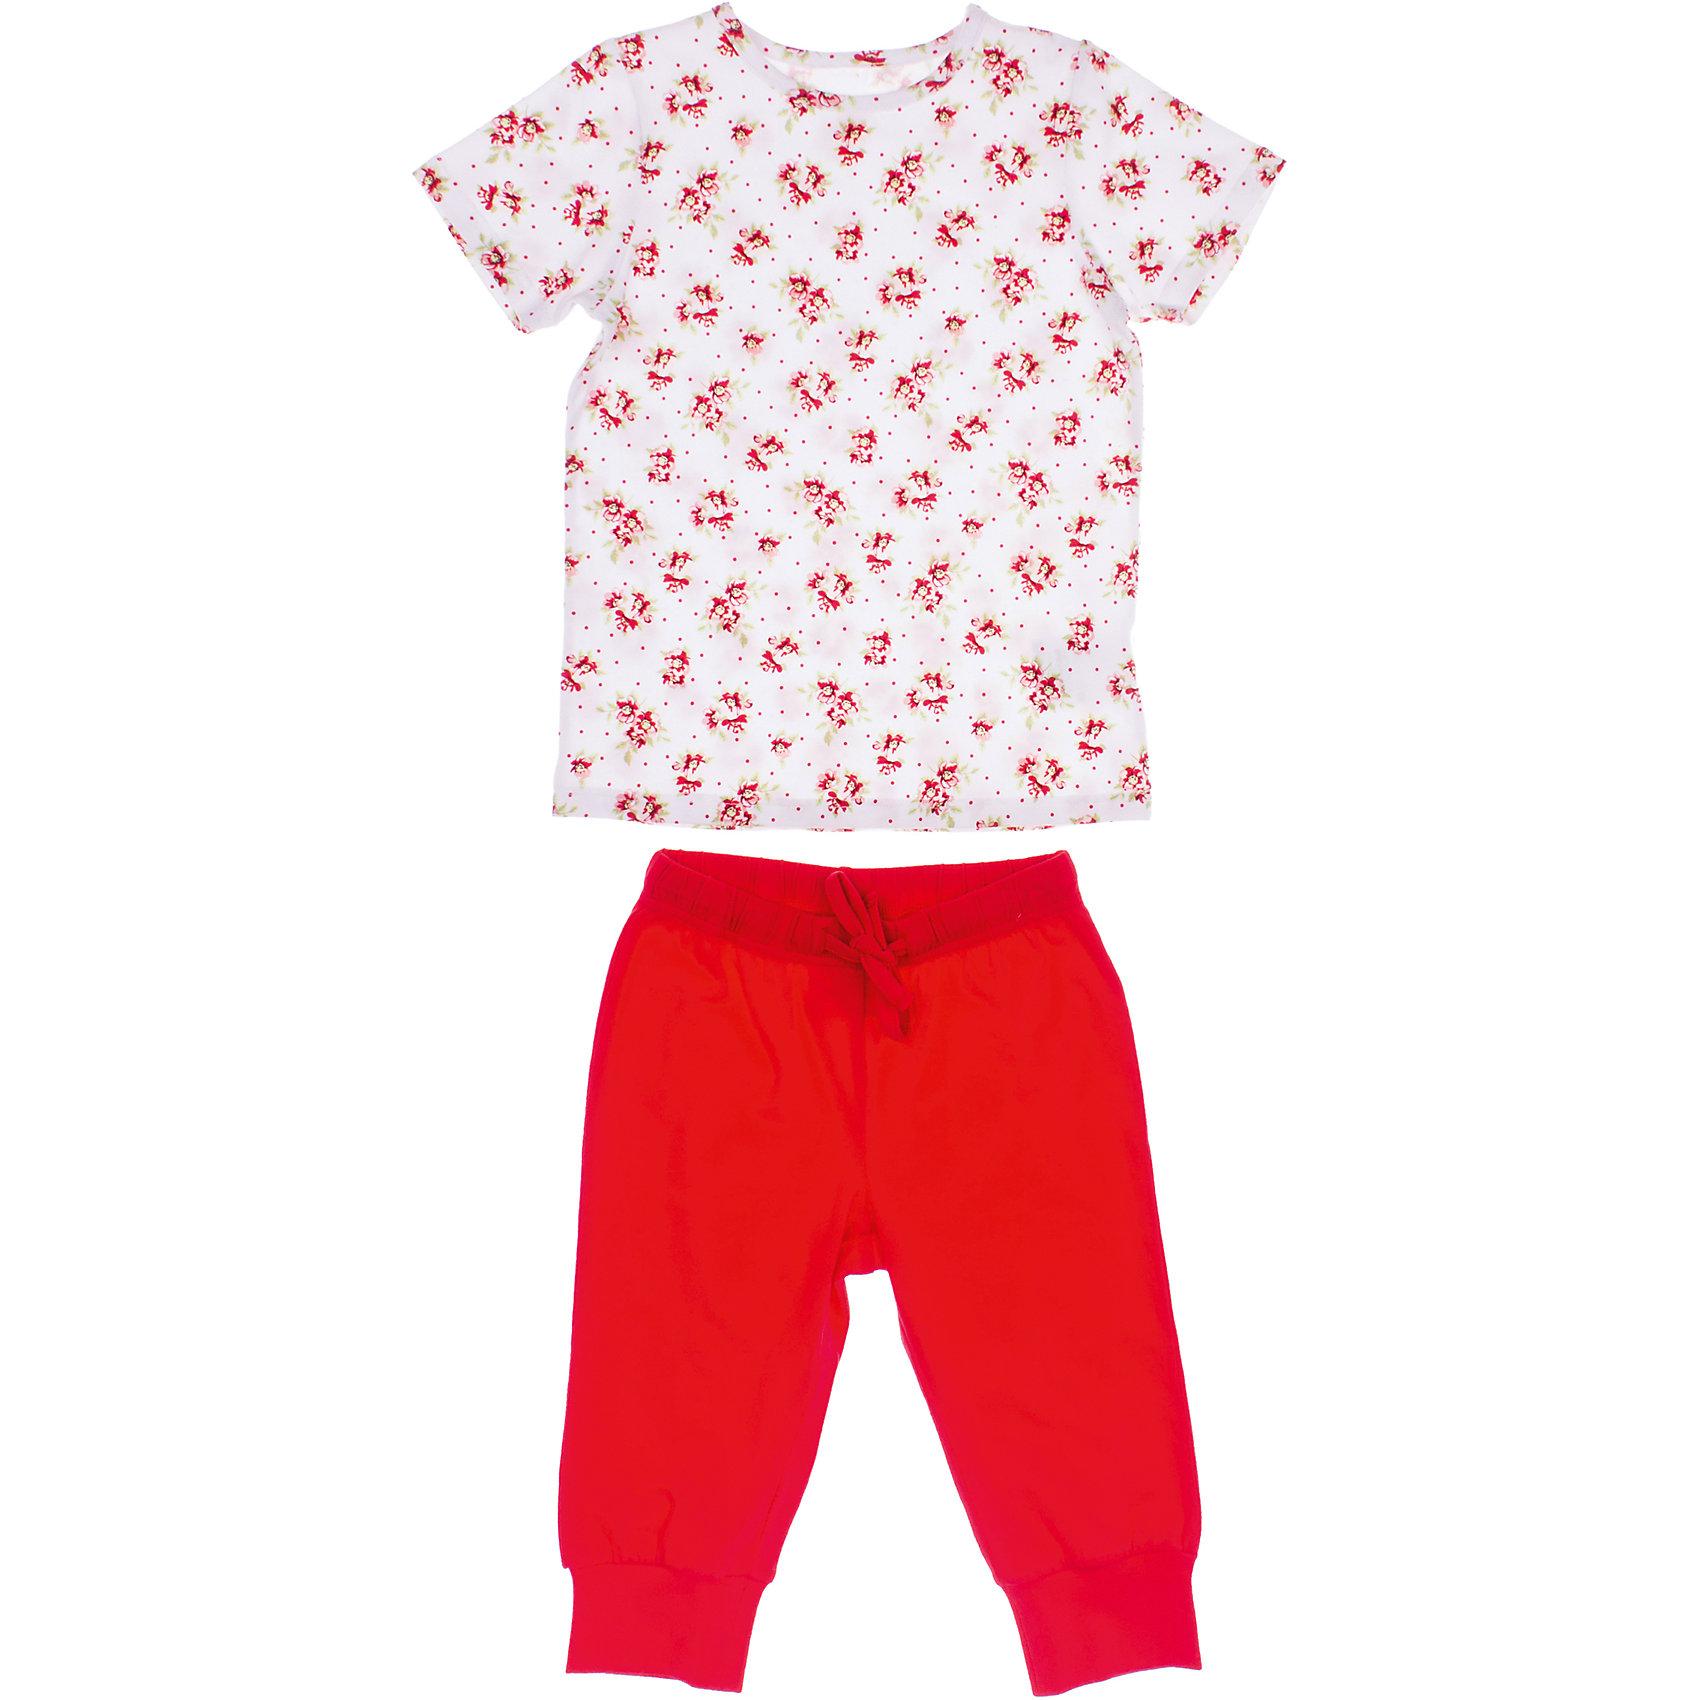 Комплект: футболка и бриджи для девочки PlayTodayКомплекты<br>Комплект: футболка и бриджи для девочки PlayToday <br><br>Состав: 95% хлопок, 5% эластан <br><br>Комплект: футболка и бриджи. <br>Ткань из органического хлопка с добавлением 5% эластана.<br><br>Ширина мм: 199<br>Глубина мм: 10<br>Высота мм: 161<br>Вес г: 151<br>Цвет: белый<br>Возраст от месяцев: 96<br>Возраст до месяцев: 108<br>Пол: Женский<br>Возраст: Детский<br>Размер: 128,122,116,110,98,104<br>SKU: 4502704